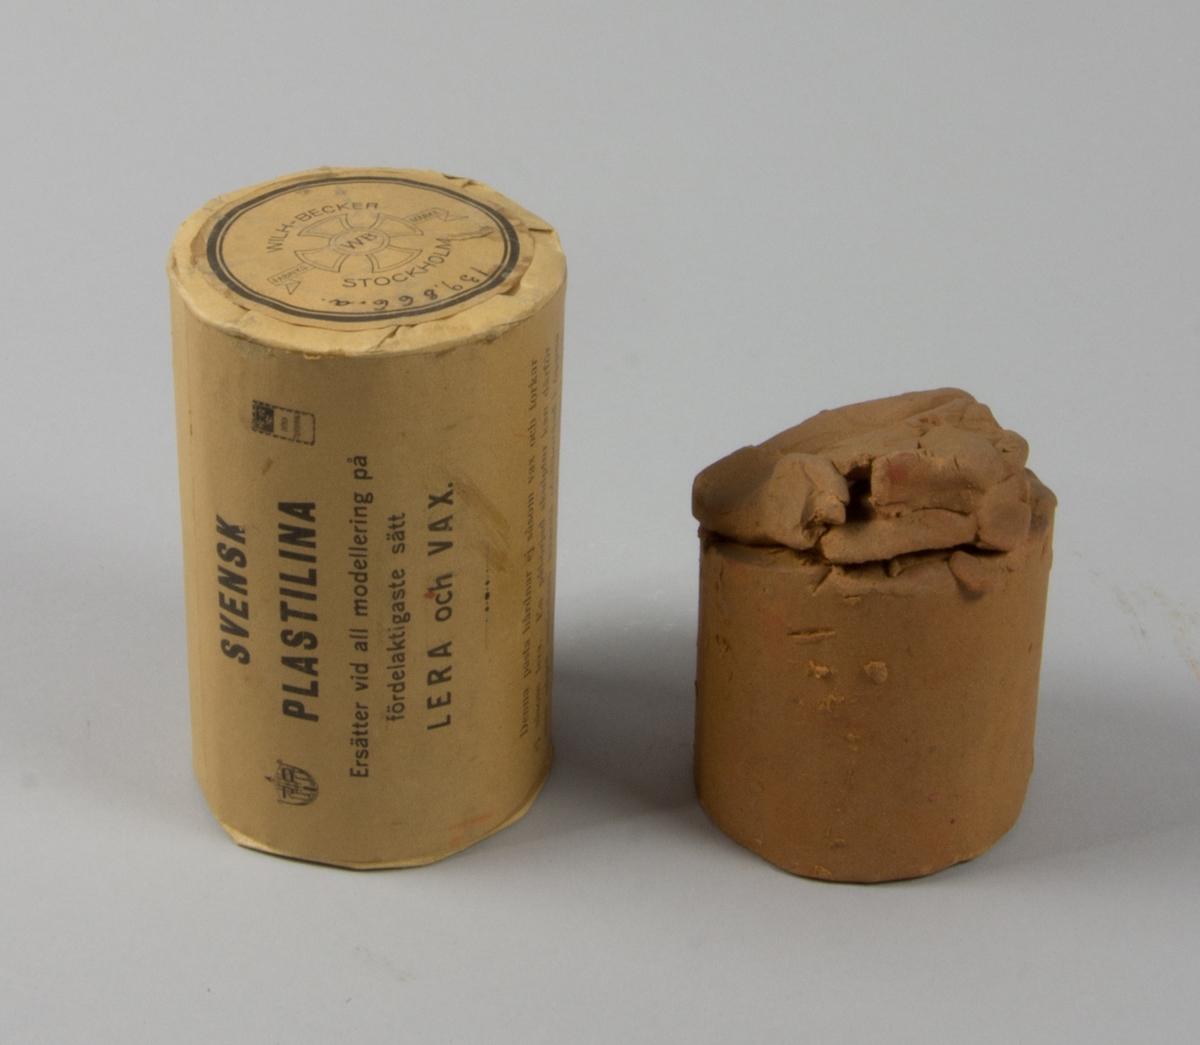 Plastelinamaterial, 6 st. 4 st cylindriska i obrutna förpackningar med brunt omslagspapper och lång reklamtext. 2 st utan omslagspapper och använda till häften. Ovanpå en av dem klumpar av plastelina.